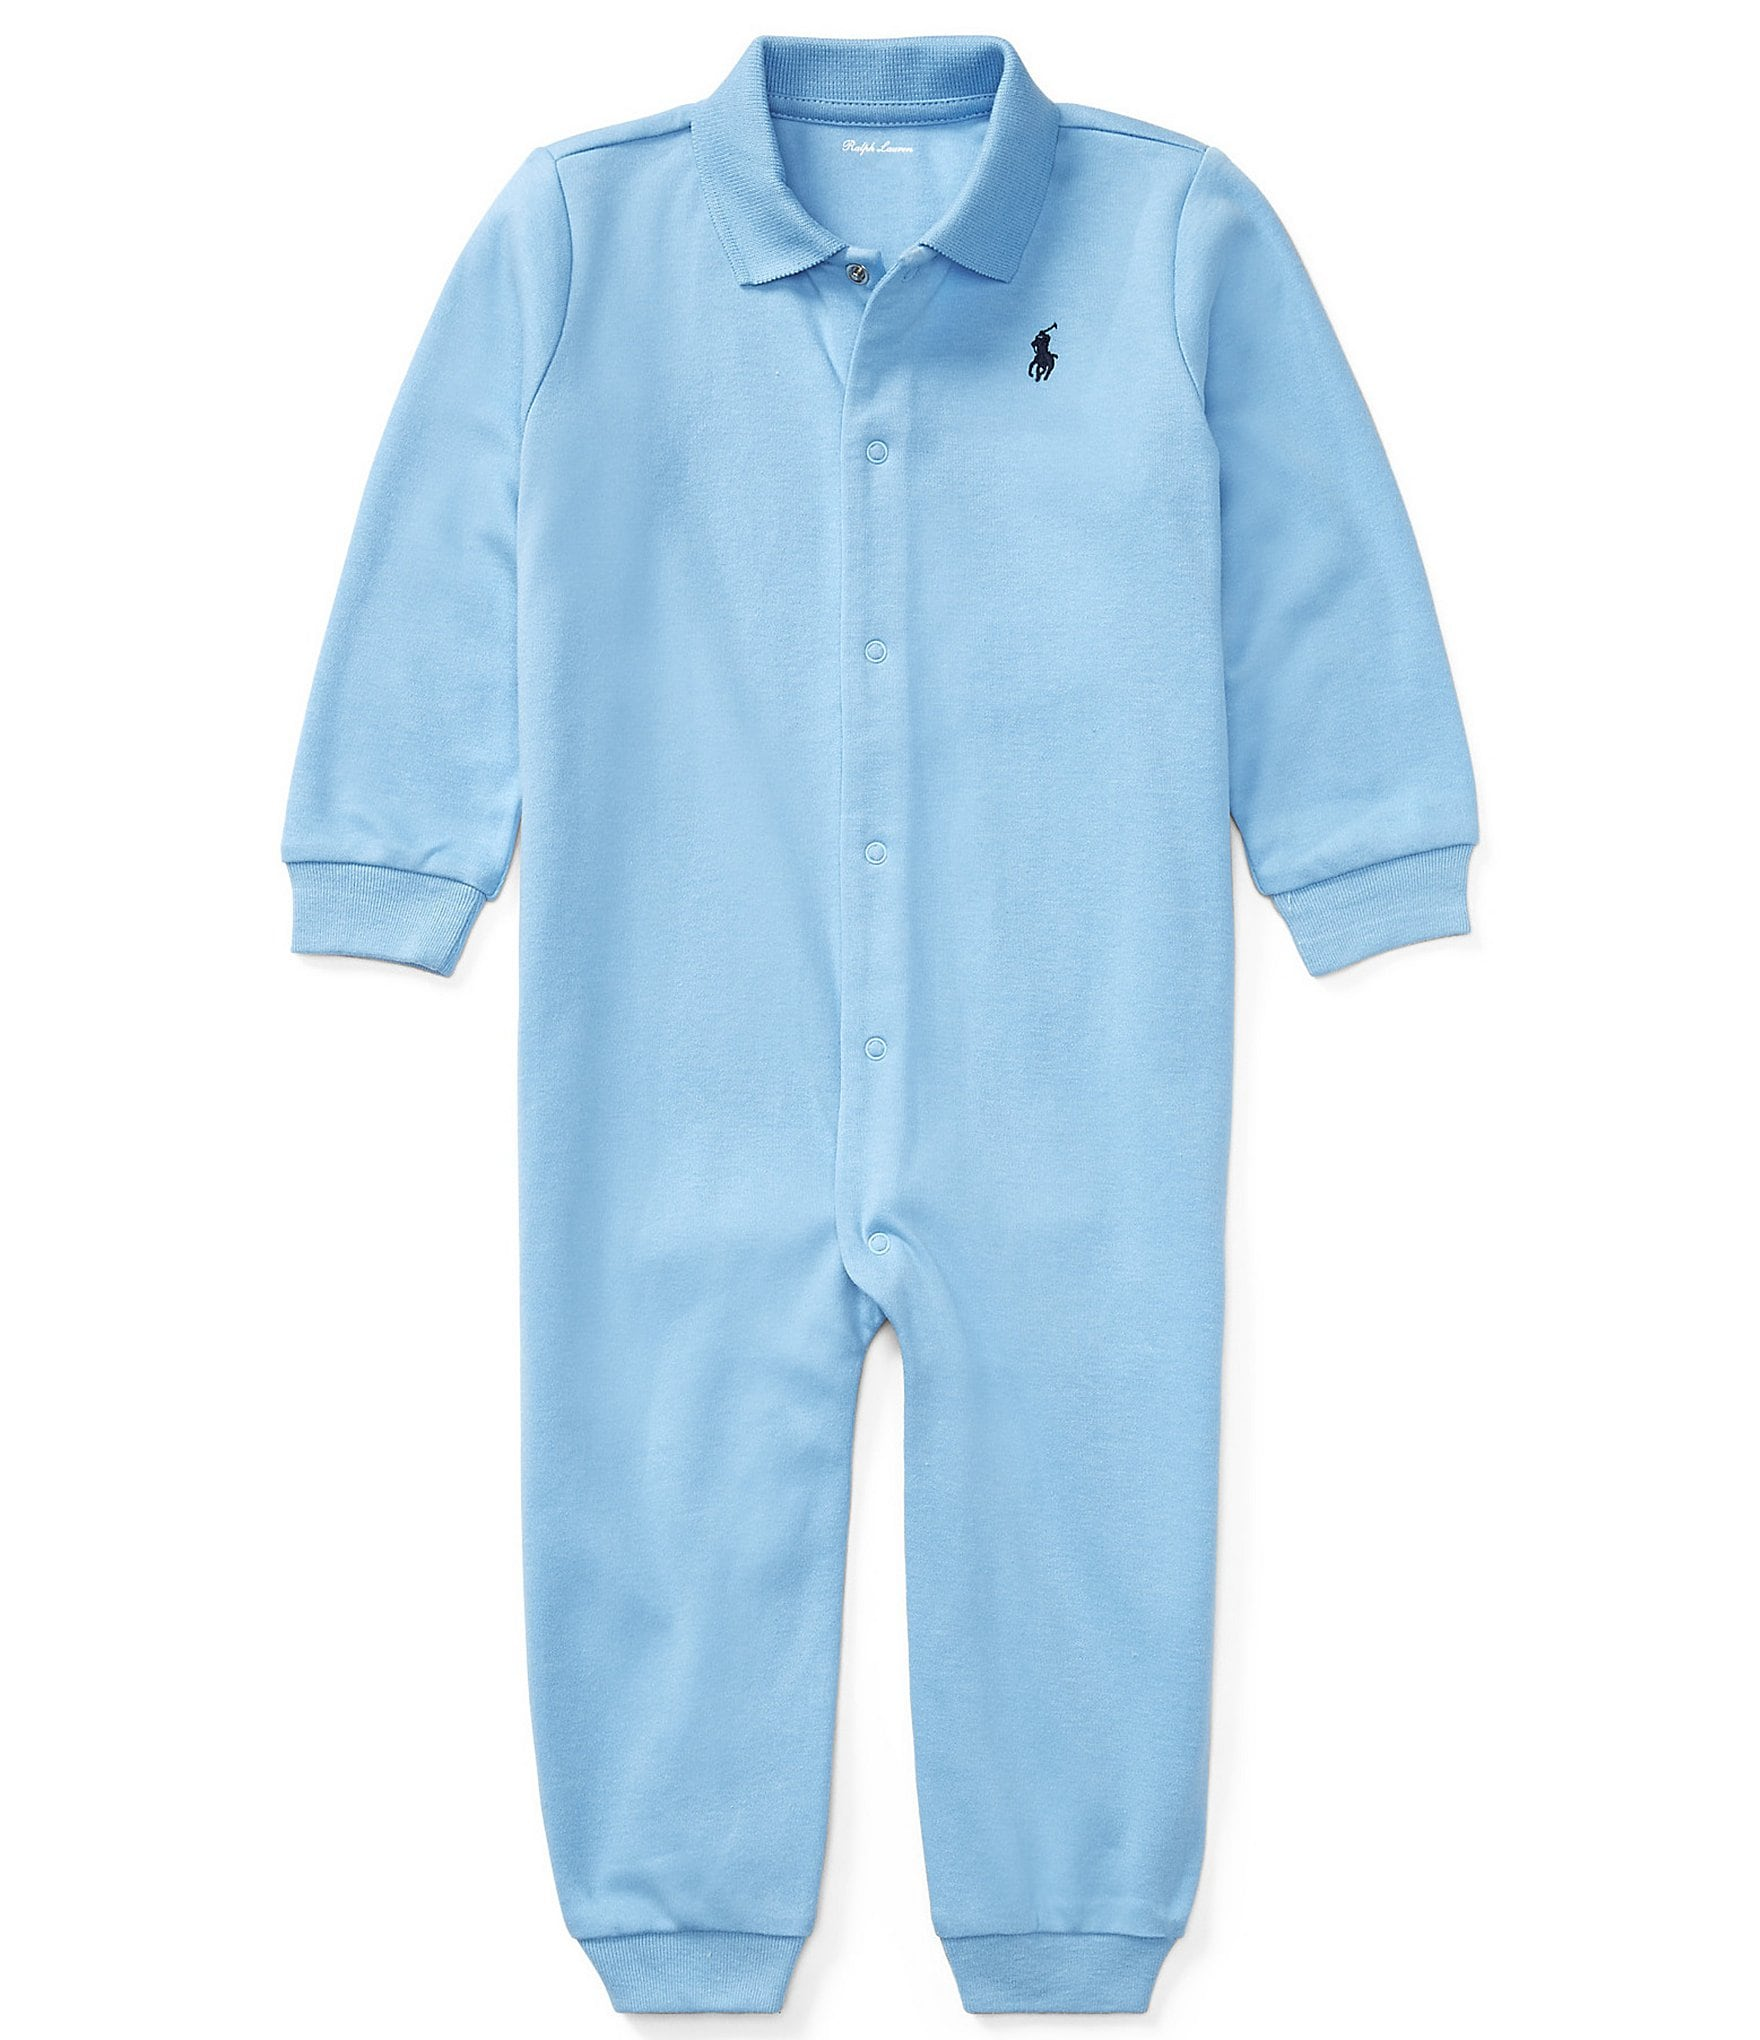 Baby Boys Clothing | Dillards